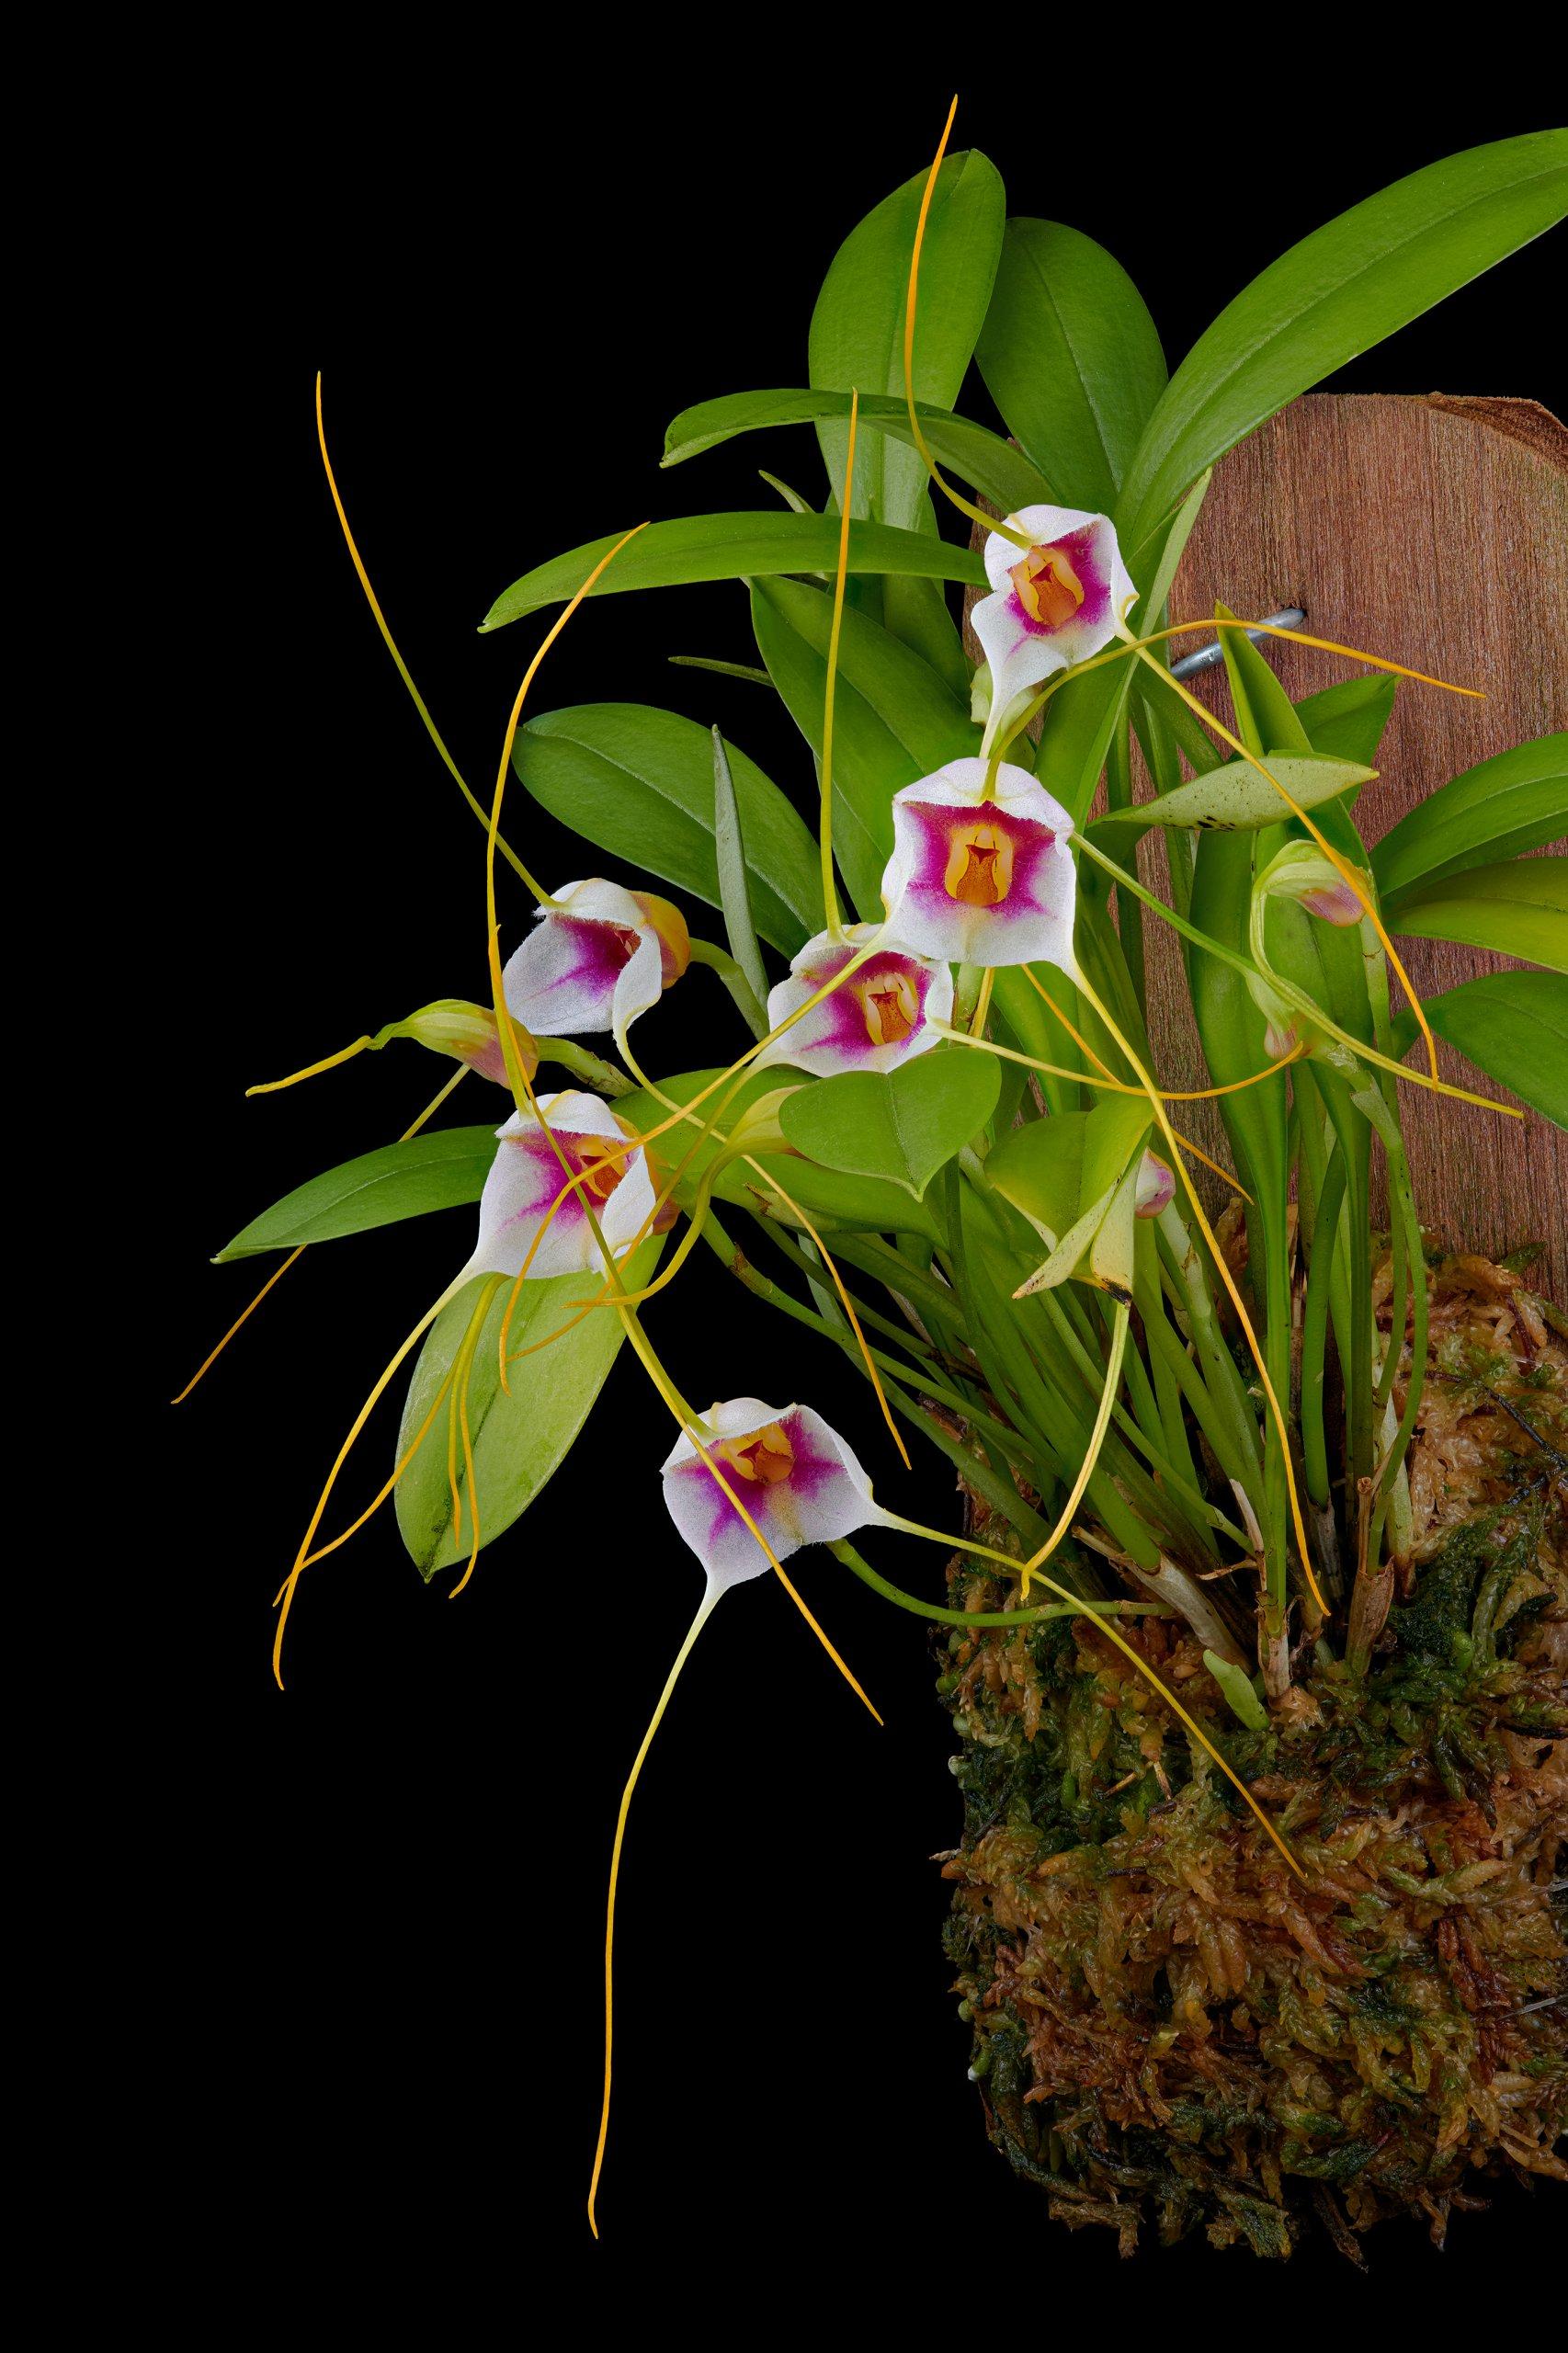 Masdevallia exquisita flowers_05.13.20.jpg